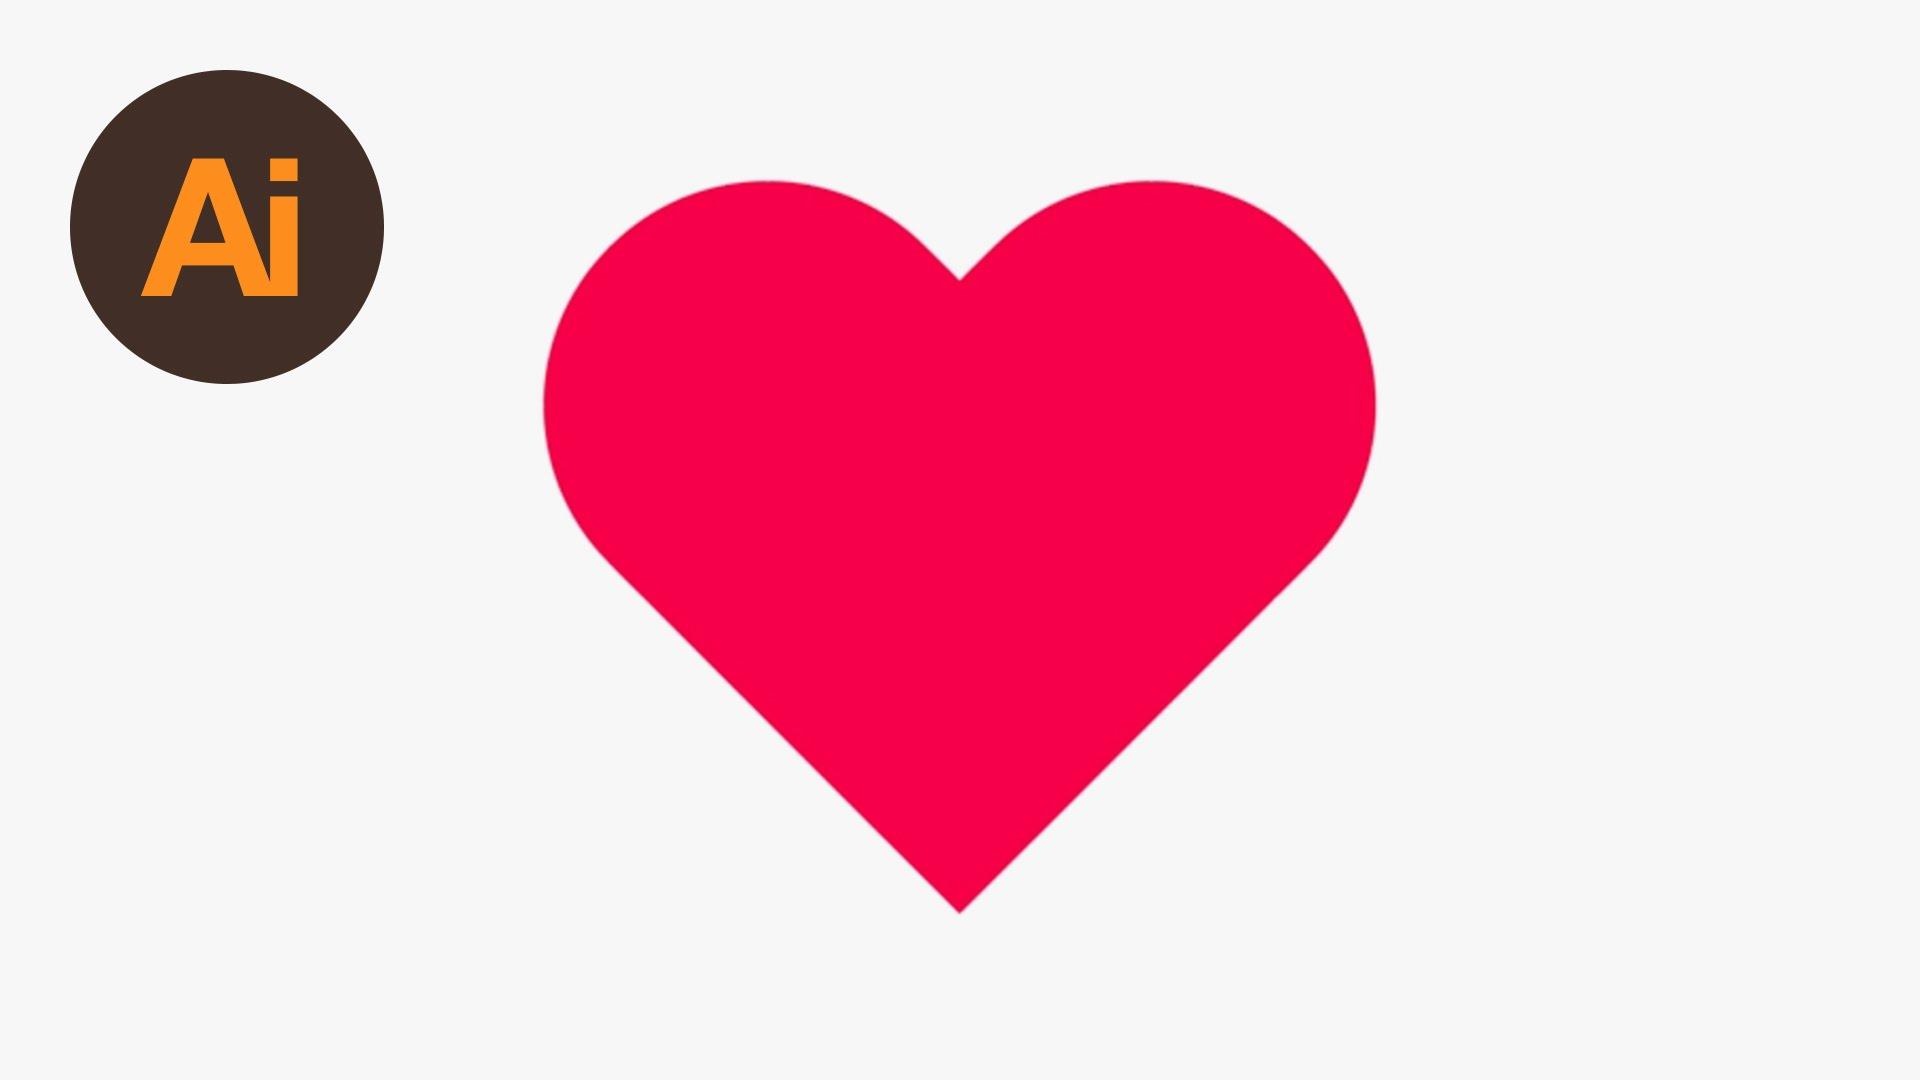 Free Photo: Heart Shape